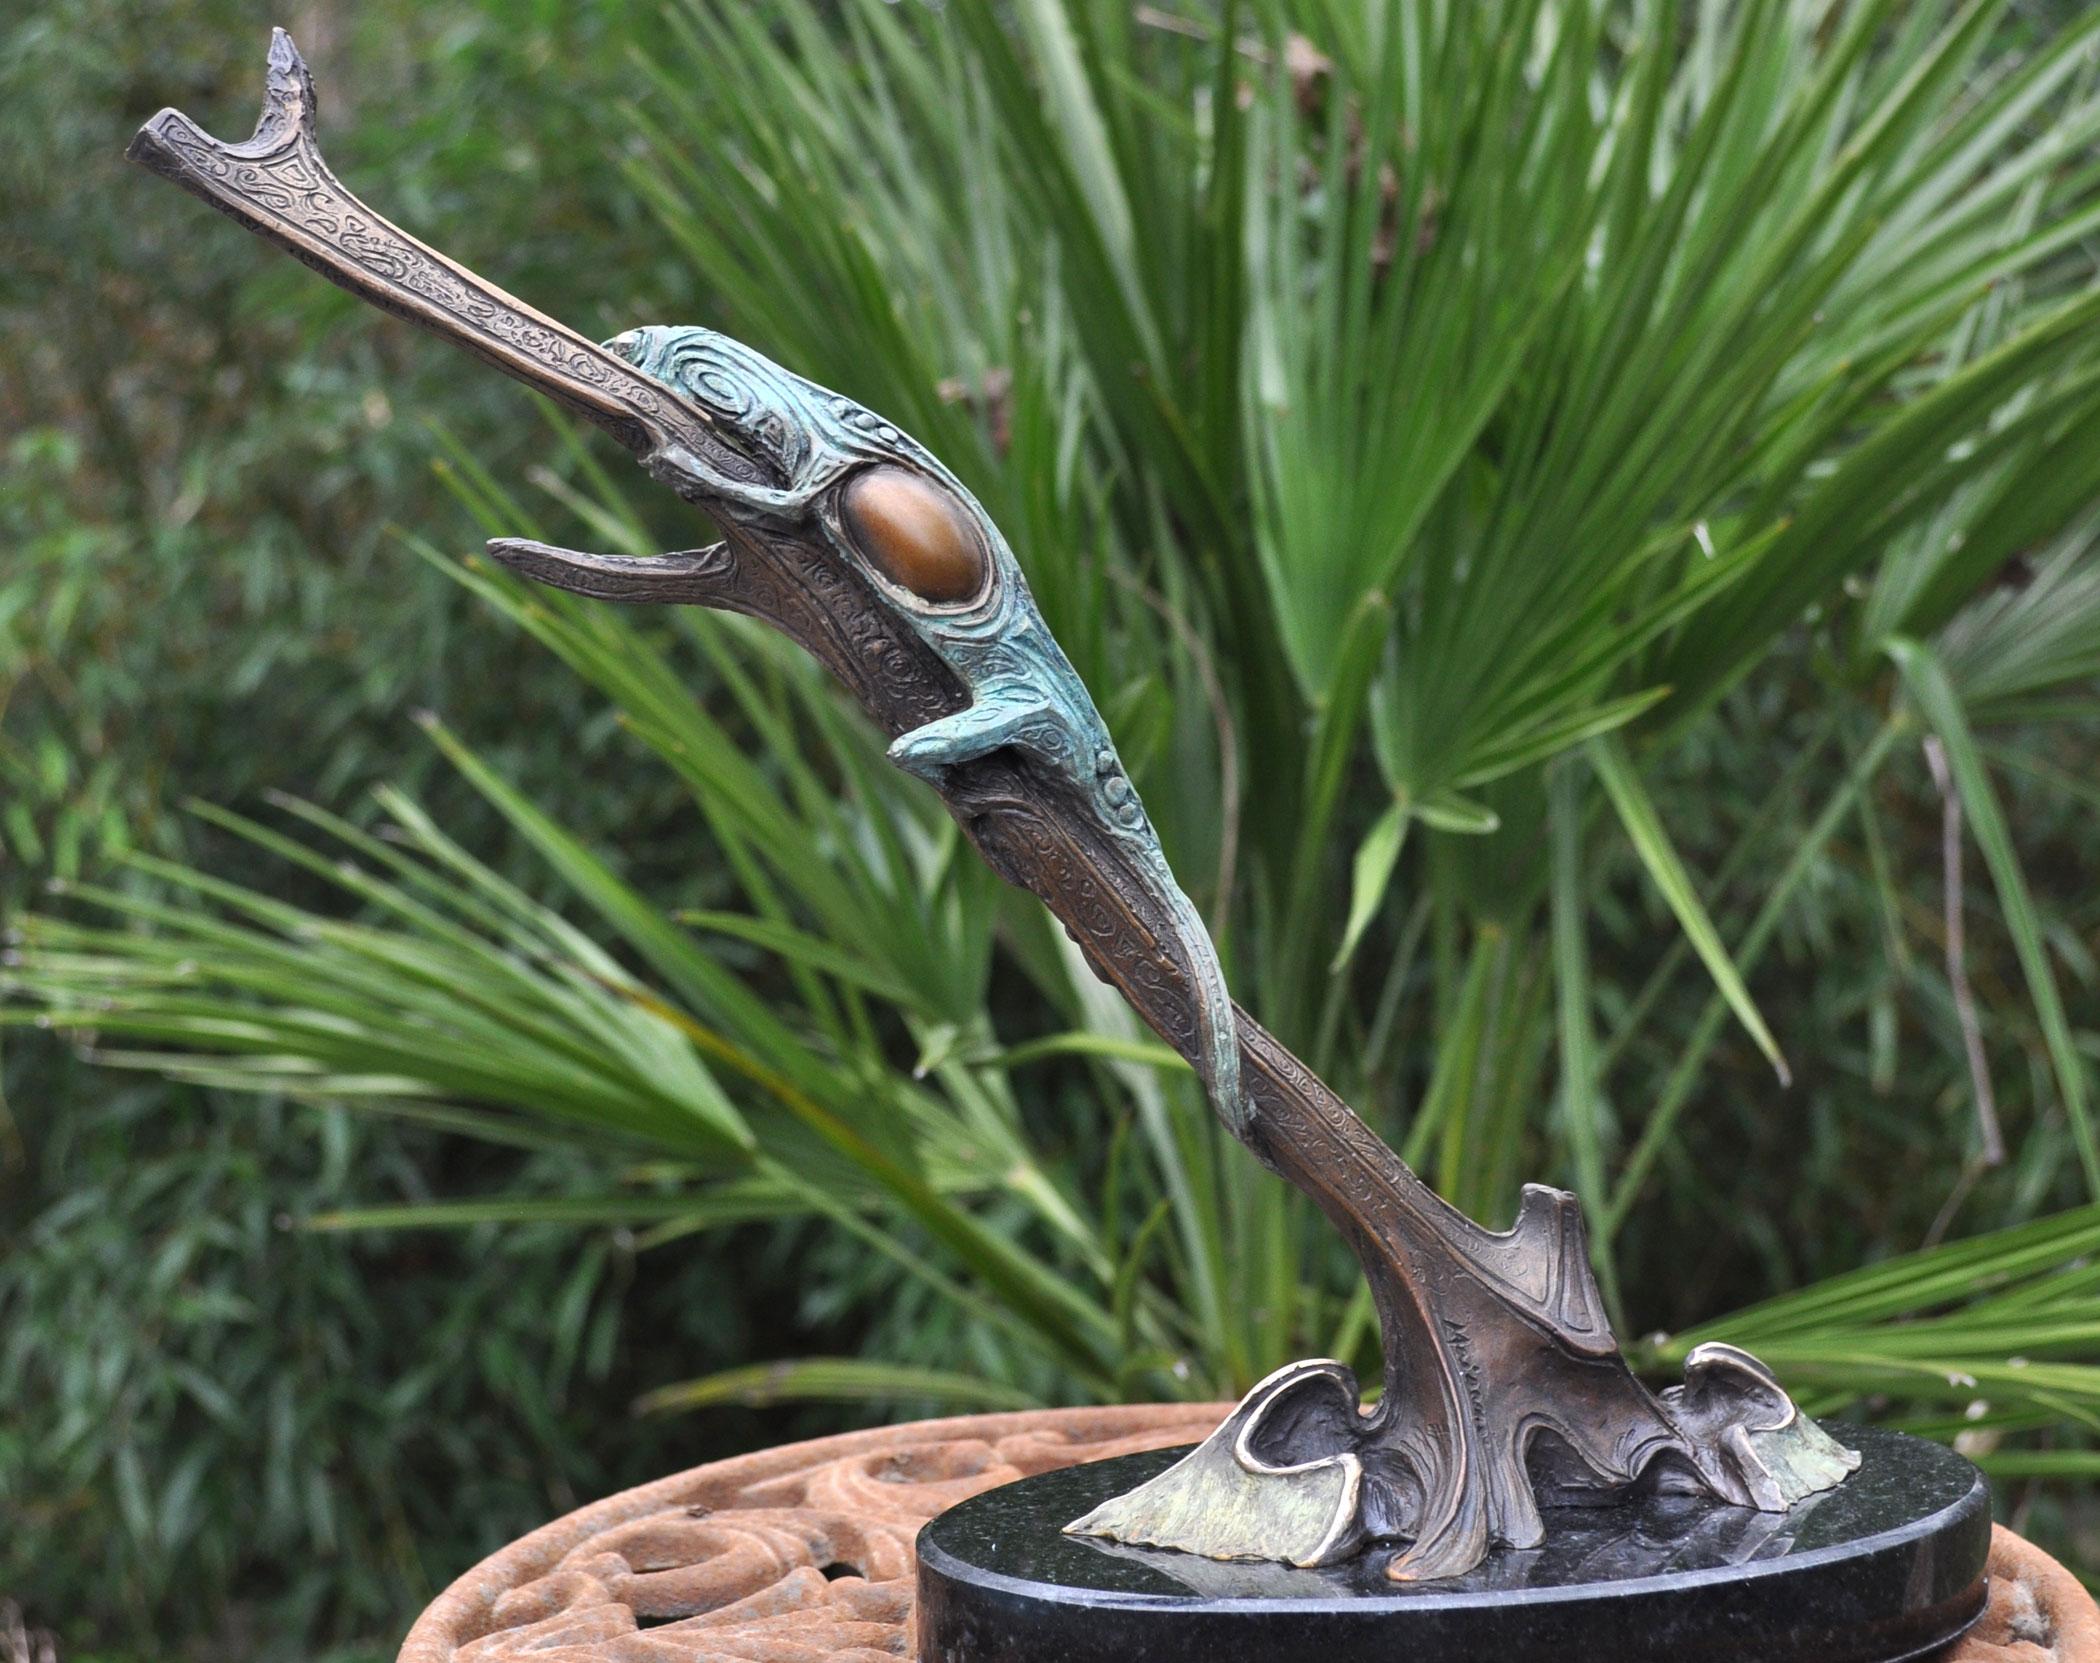 bronze-lizard-sculpture-john-maisano-4.jpg